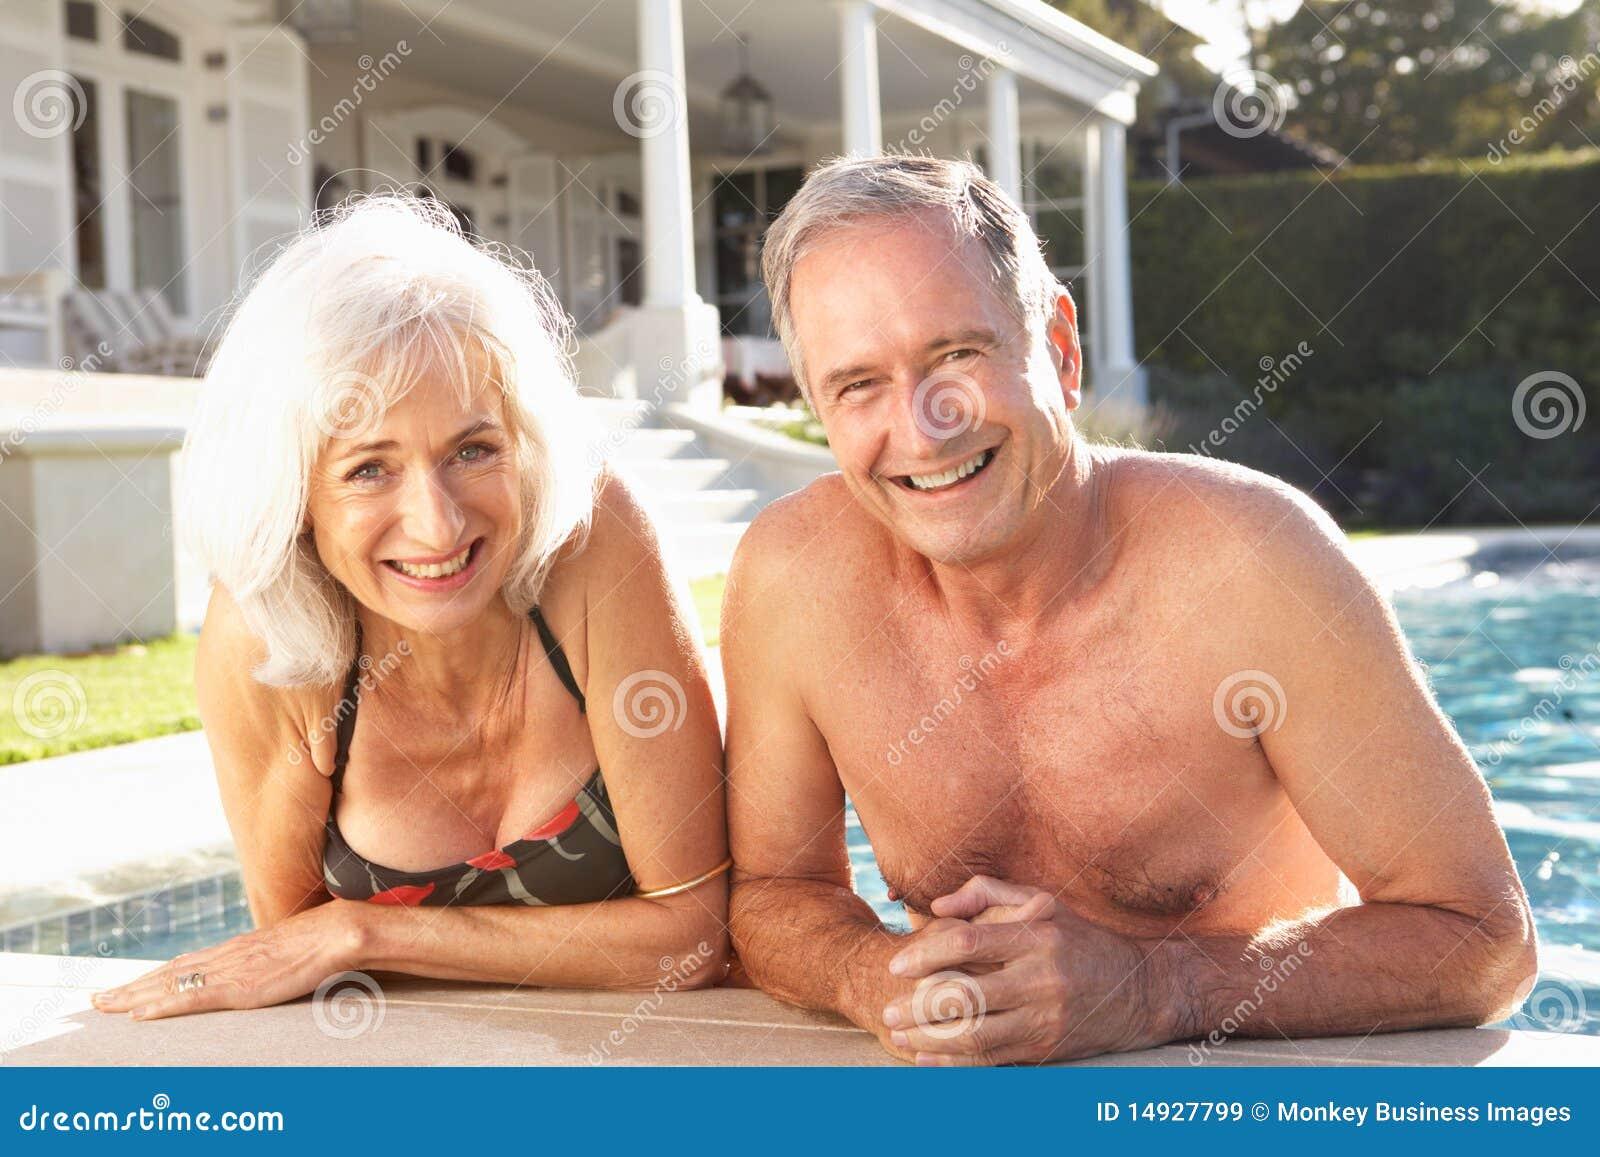 Старик ебет проститутку, Старик и молодая шлюха -видео. Смотреть Старик 27 фотография